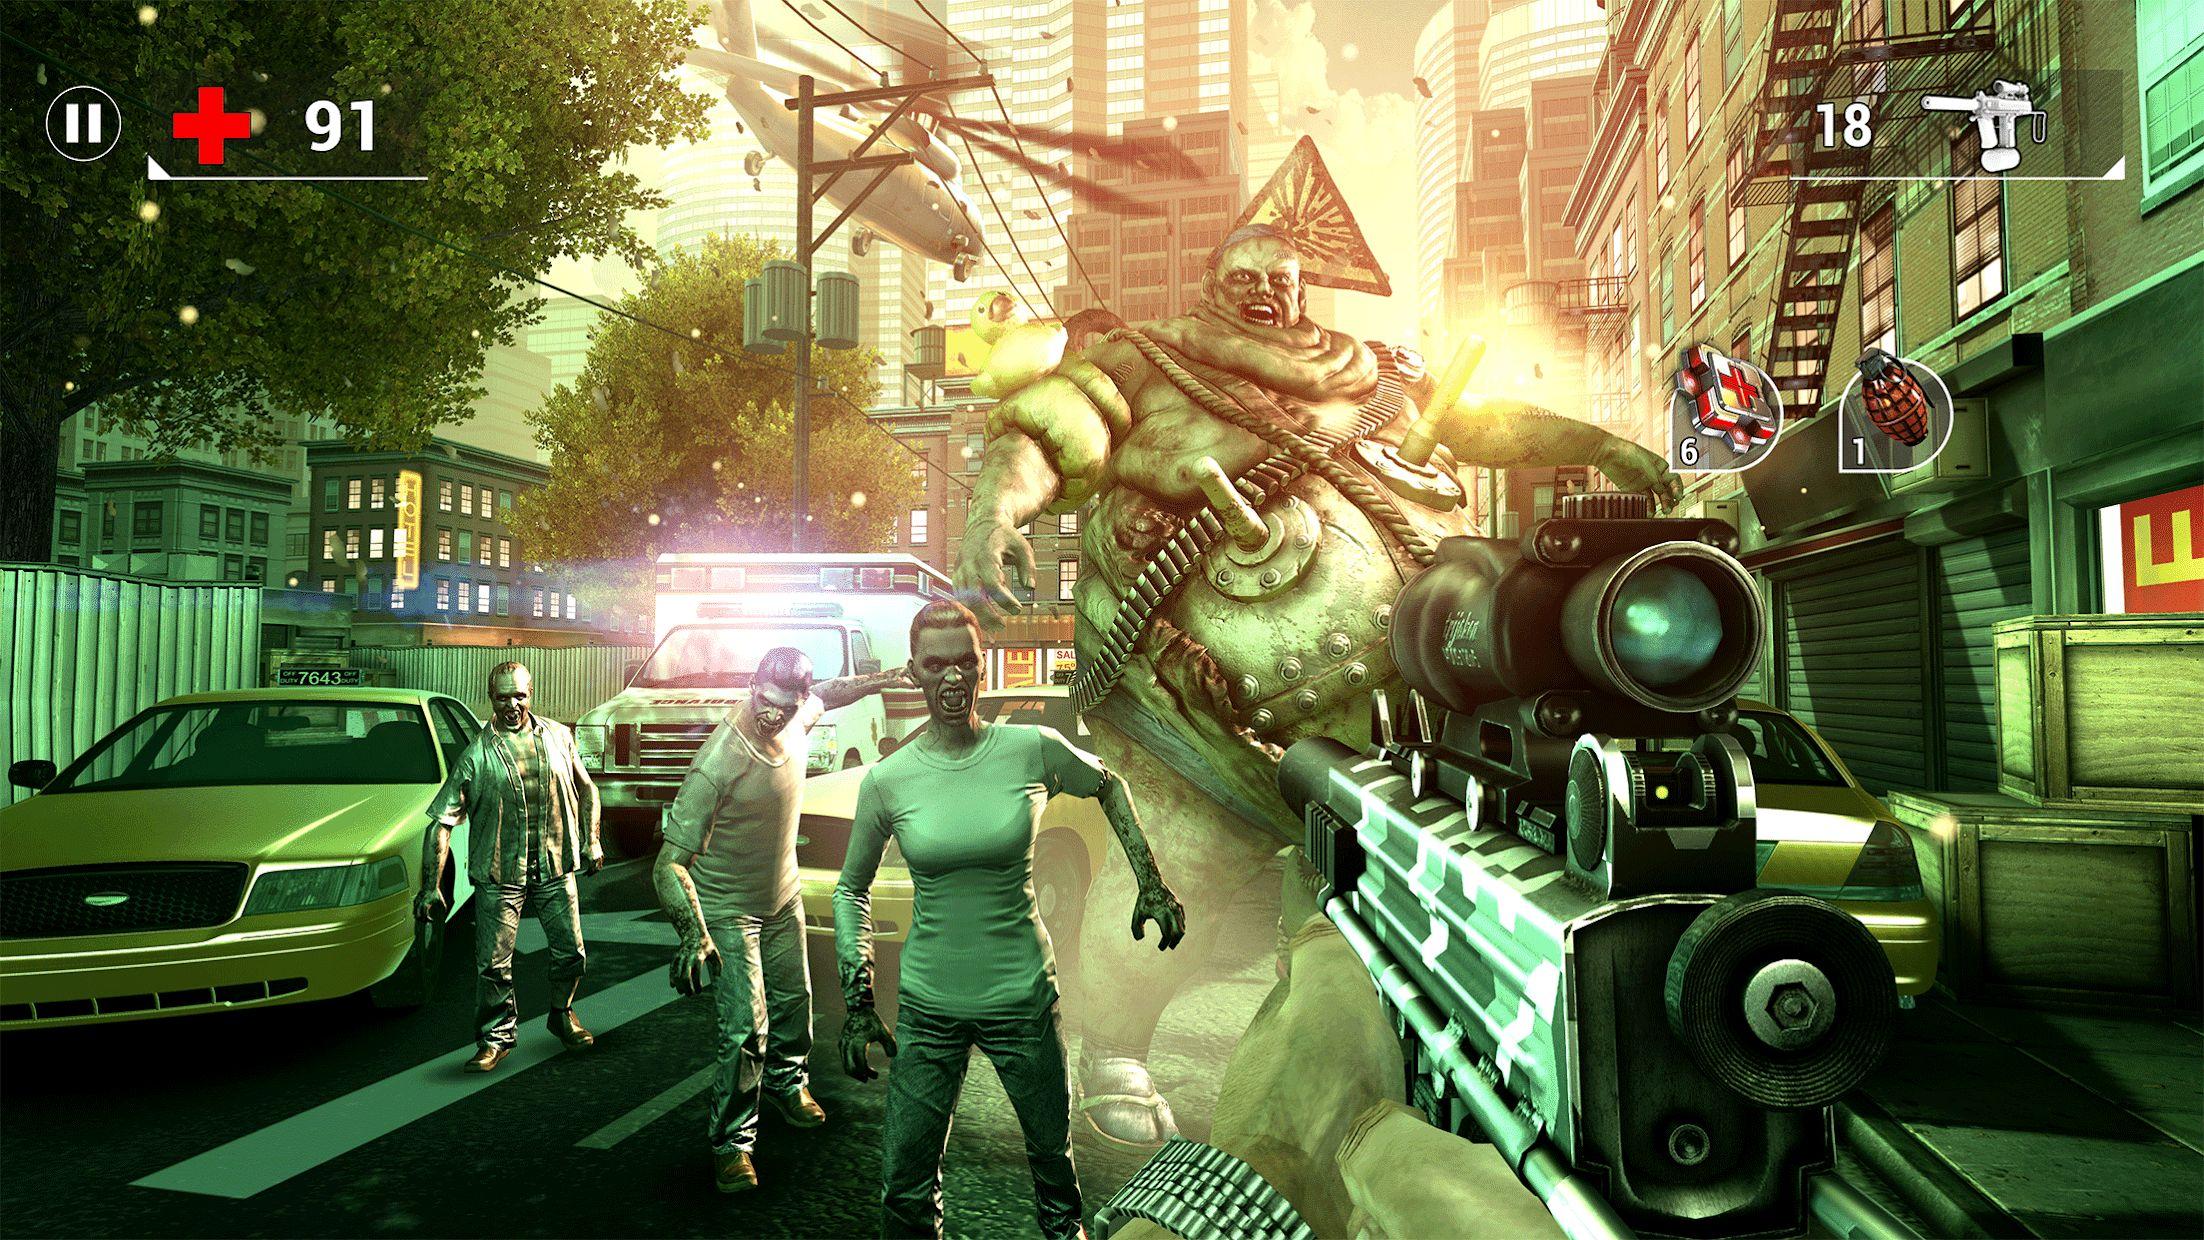 全境危机:都市生存射击游戏 游戏截图4